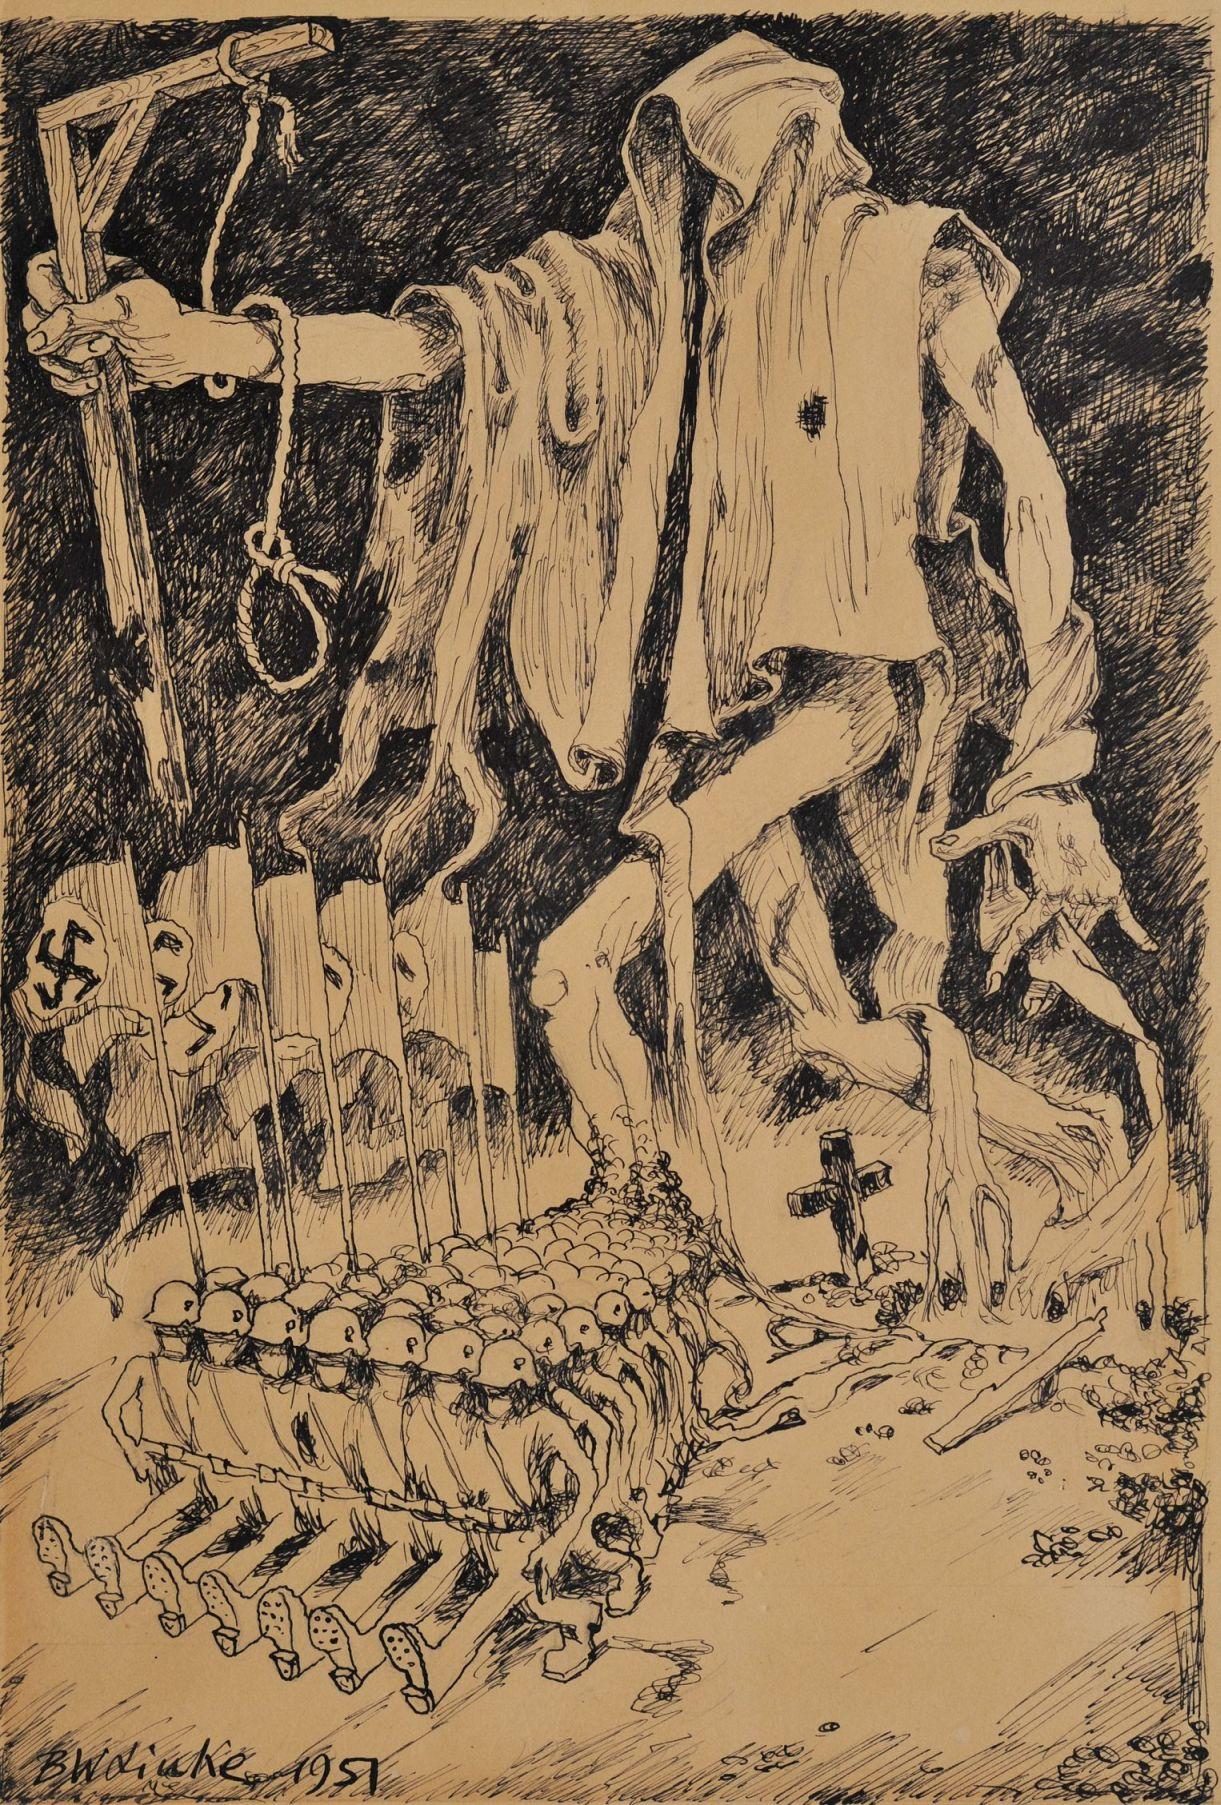 Bronisław Wojciech Linke - Resurrection of Nazism, 1951